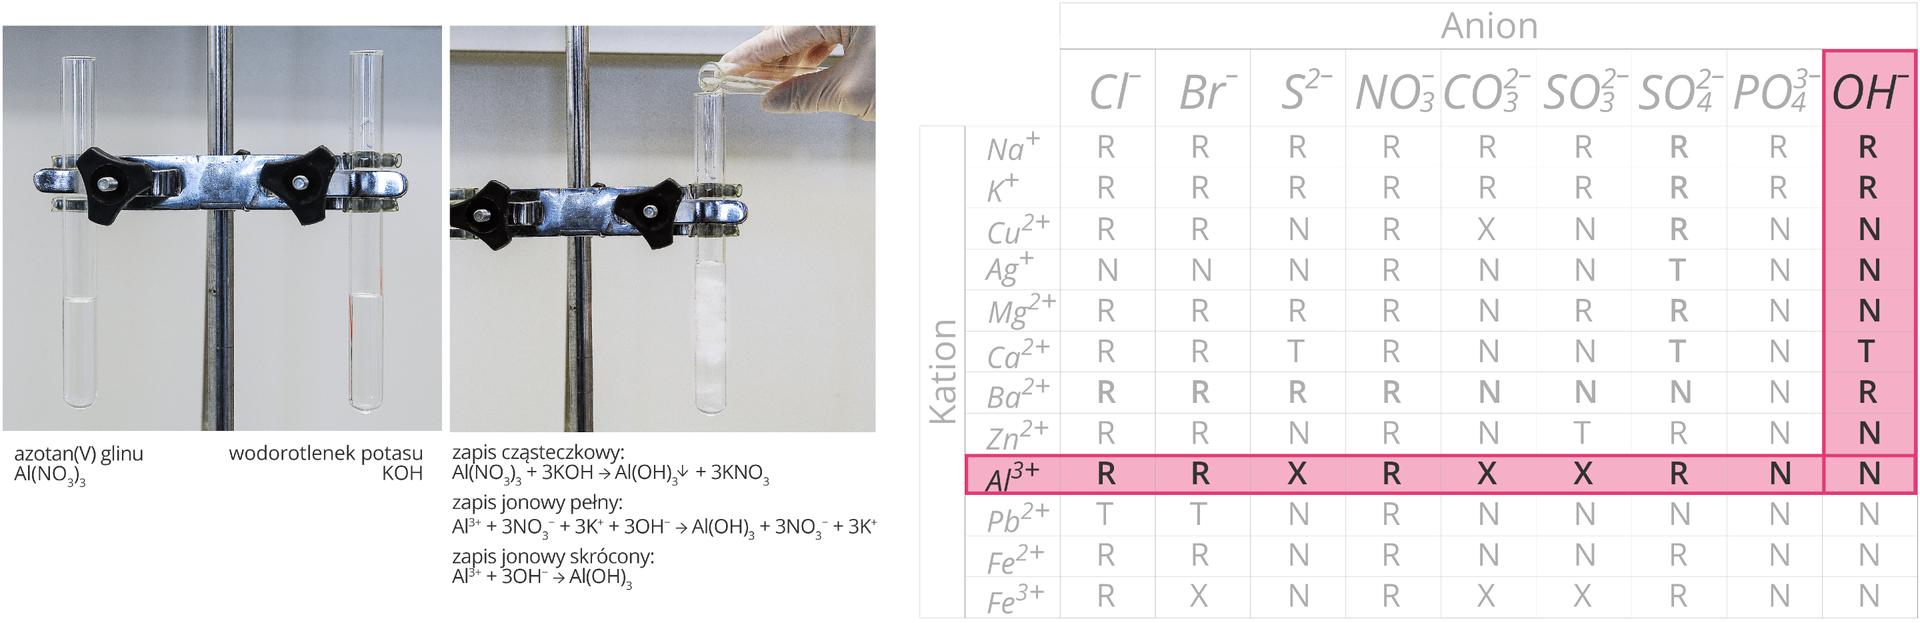 Ilustracja składa się zdwóch zdjęć oraz tabeli umieszczonych wjednym szeregu obok siebie. Zdjęcia dodatkowo zaopatrzone są wpodpisy. Pierwsze zdjęcie zlewej strony przedstawia dwie probówki unieruchomione wpodwójnej łapie statywu. Podpis pod lewą probówką informuje, że znajdującą się wniej bezbarwną cieczą jest roztwór azotanu pięć glinu owzorze Al NO3 trzy razy wzięte. Podpis pod prawą probówką informuje, że bezbarwna ciecz wewnątrz naczynia to roztwór wodorotlenku potasu owzorze KOH. Drugie zdjęcie przedstawia moment przelewania zawartości jednej probówki do drugiej. Zachodzi reakcja wwyniku której wytrąca się biały osad. Poniżej zapis przebiegu tej reakcji wpostaci cząsteczkowej, jonowej pełnej ijonowej skróconej. Wynika znich, że wwyniku przereagowania azotanu pięć glinu zwodorotlenkiem potasu powstają wodorotlenek glinu Al OH trzy razy wzięte, który opada wpostaci osadu oraz trzy atomy azotanu pięć potasu. Cechą szczególną tej akcji jest to, że biorą wniej udział tak naprawdę tylko wolne jony Al trzy plus oraz OH minut, które łącząc się ze sobą tworzą związek nierozpuszczalny wwodzie. Trzecia część ilustracji, zajmująca całą jej prawą stronę to znana zpoprzednich lekcji tabela rozpuszczalności zzaznaczonym na różowo wierszem dla kationu glinu oraz kolumną dla anionu grupy wodorotlenkowej. Pole znajdujące się na skrzyżowaniu tego wiersza ikolumny informuje nas, że Al OH trzy razy wzięte jest związkiem nierozpuszczalnym wwodzie.